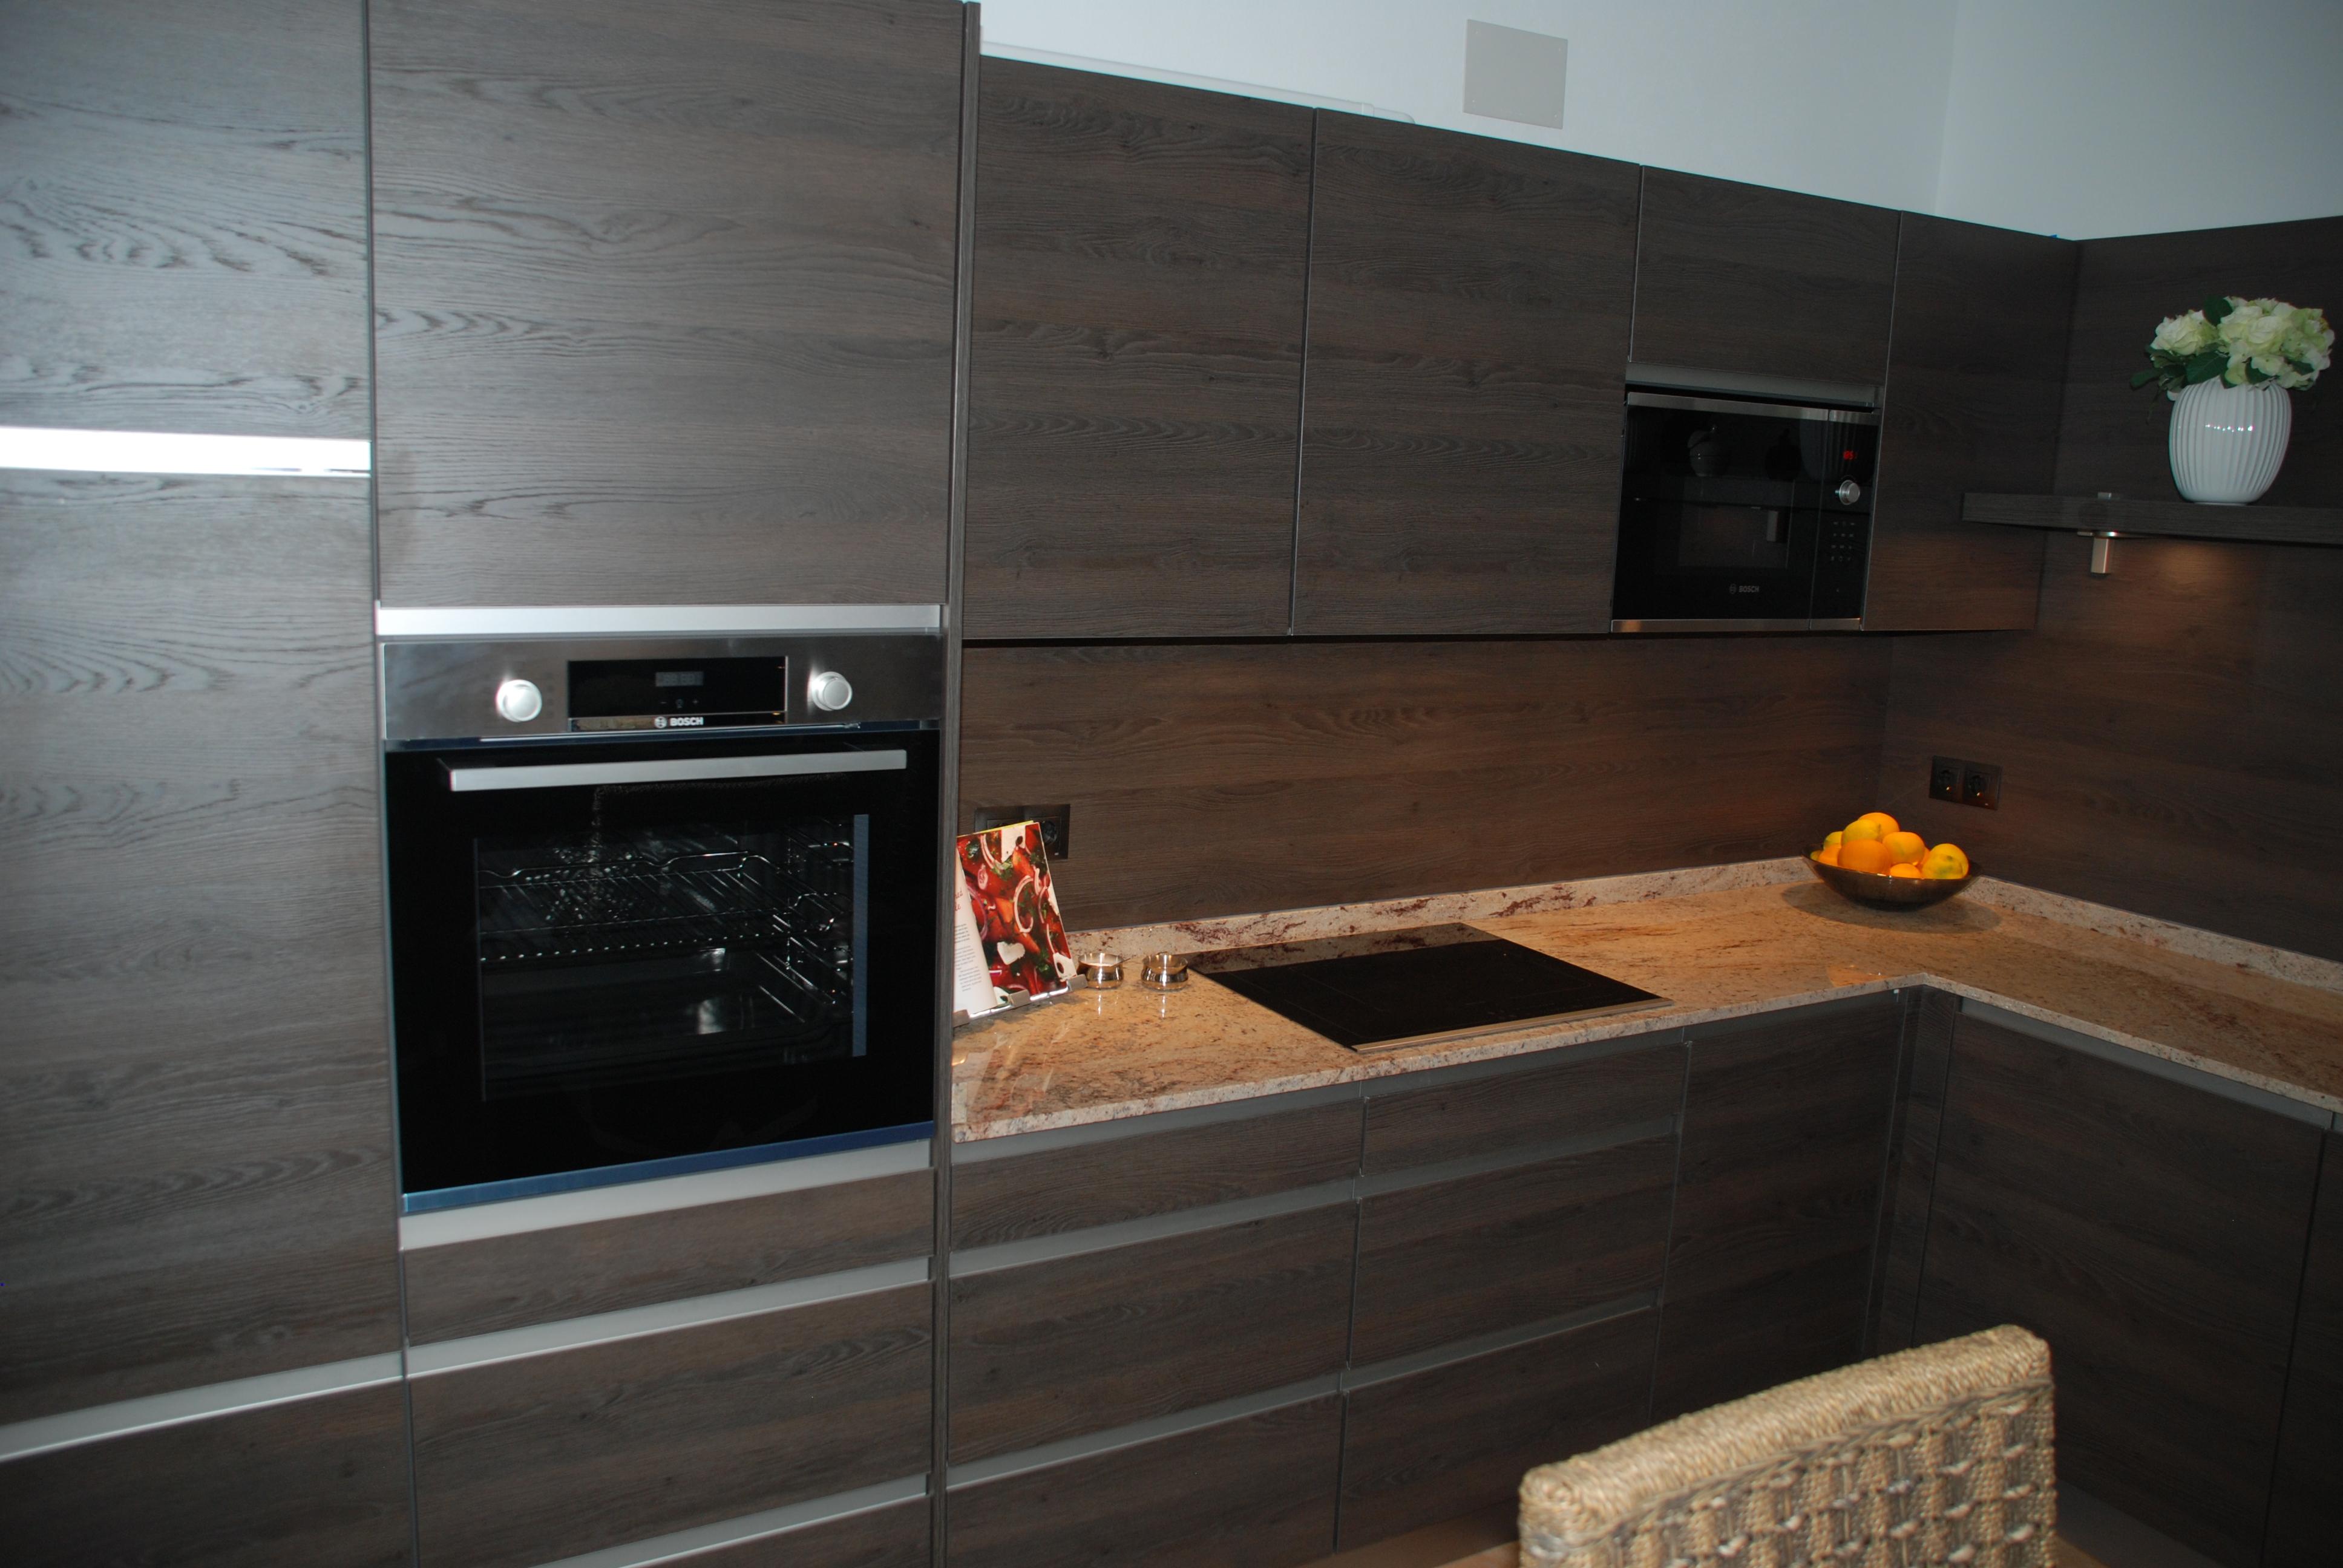 Casa Interior Küchentime Structura 4